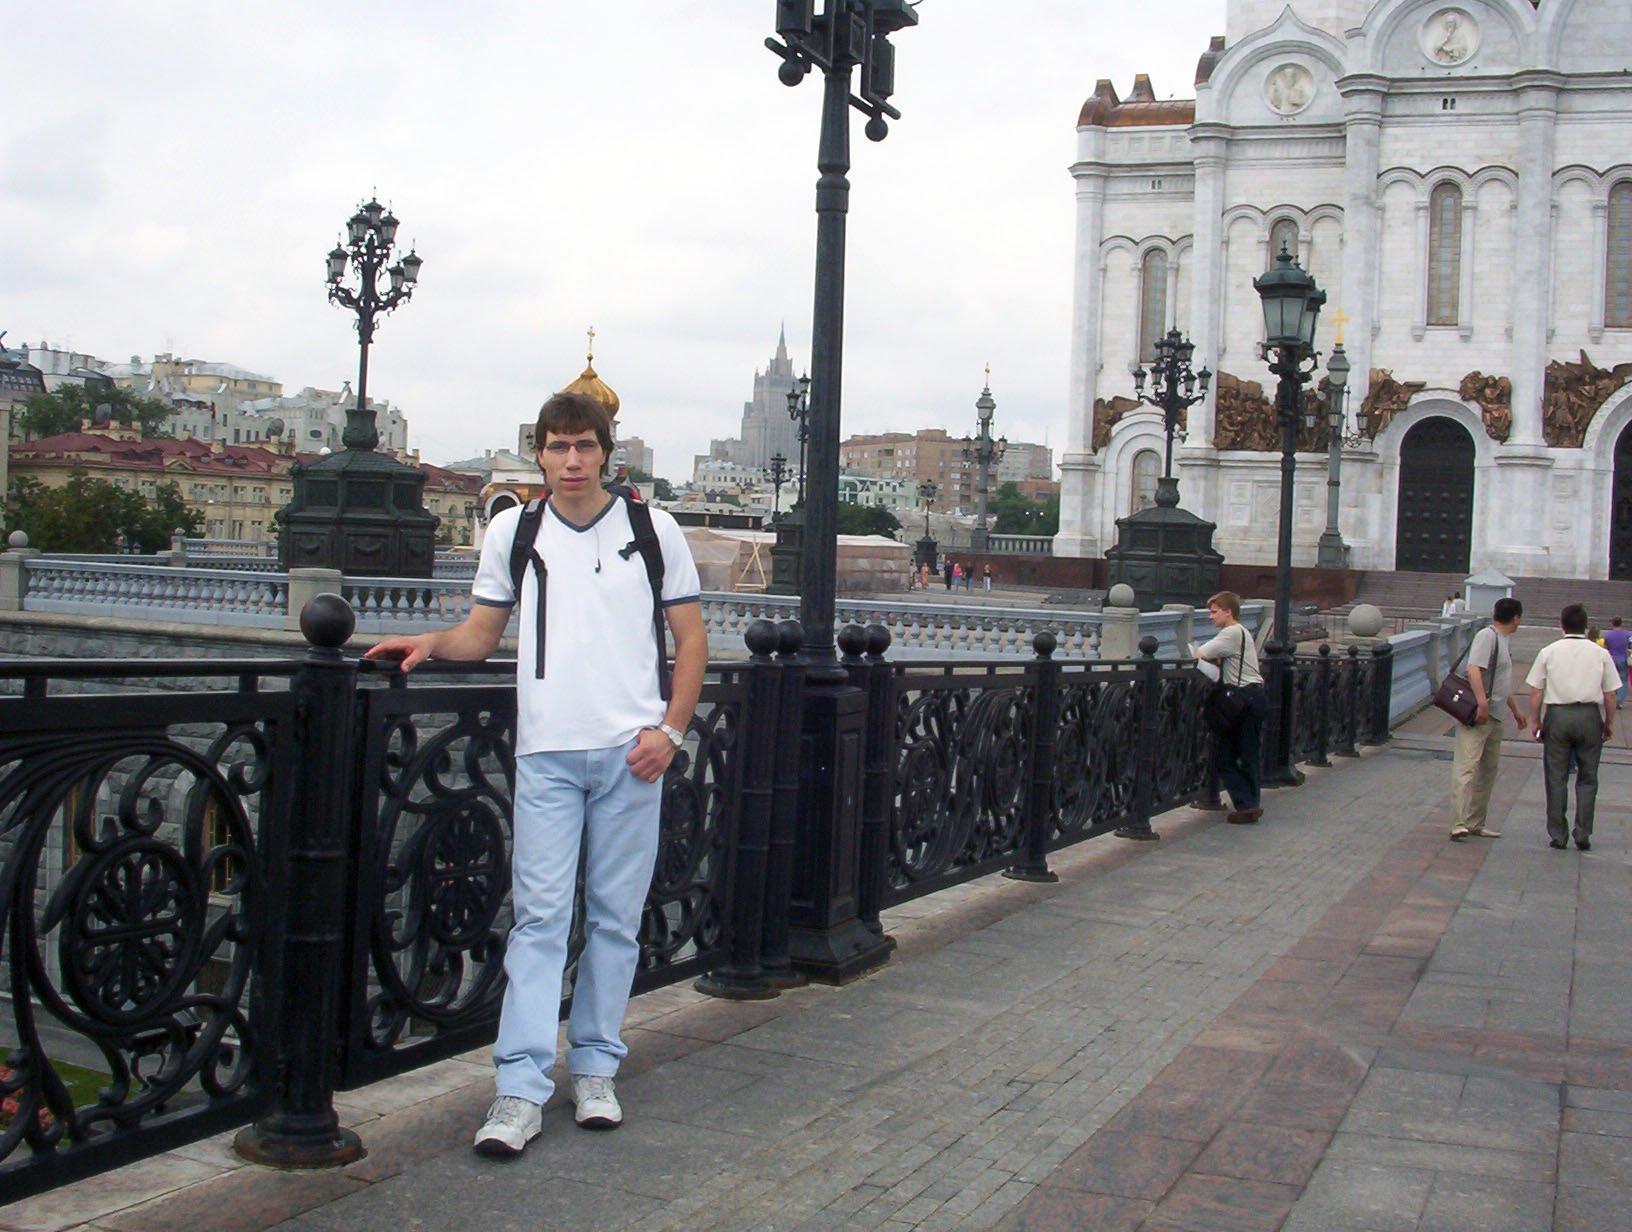 Rusija_Moskva_Putovanje_Metropole_Uskrs_last_minute_povonjno_akcija_popust